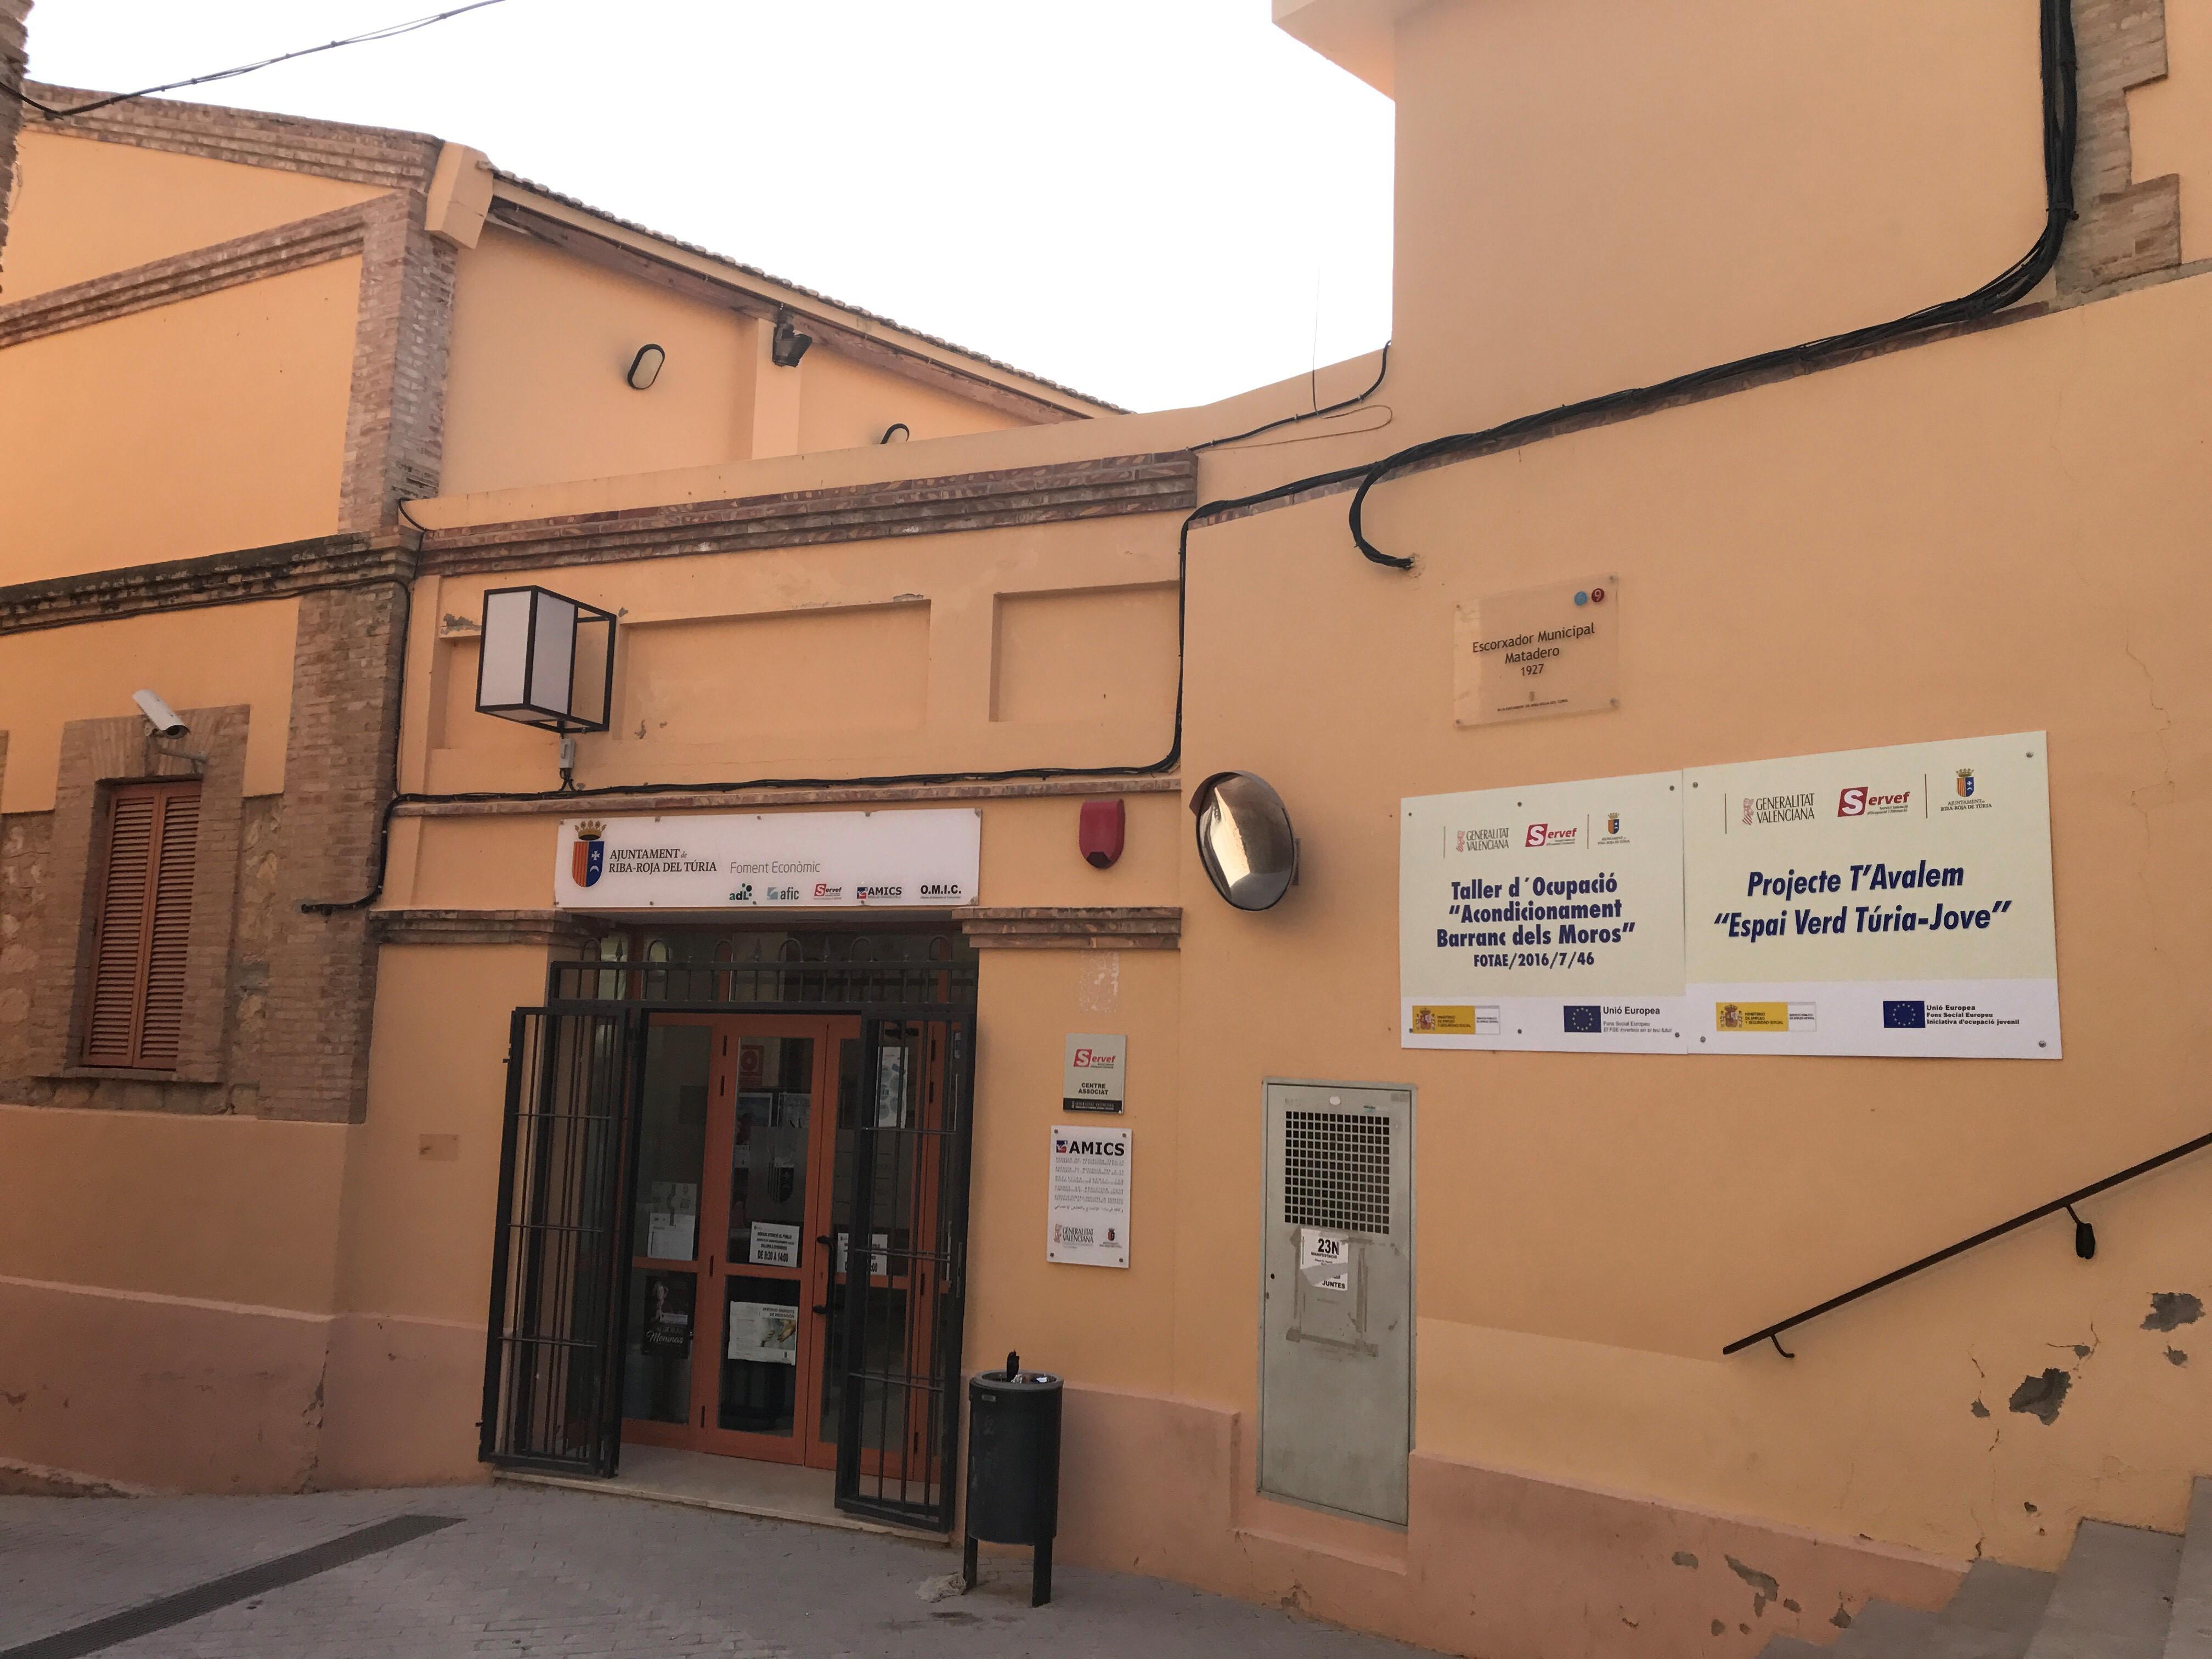 Sesenta personas comenzarán a trabajar a partir del próximo mes de diciembre gracias a la subvención de 742.784,33 euros que el Servef ha concedido al Ayuntamiento de Riba-roja a través de tres planes de empleo.